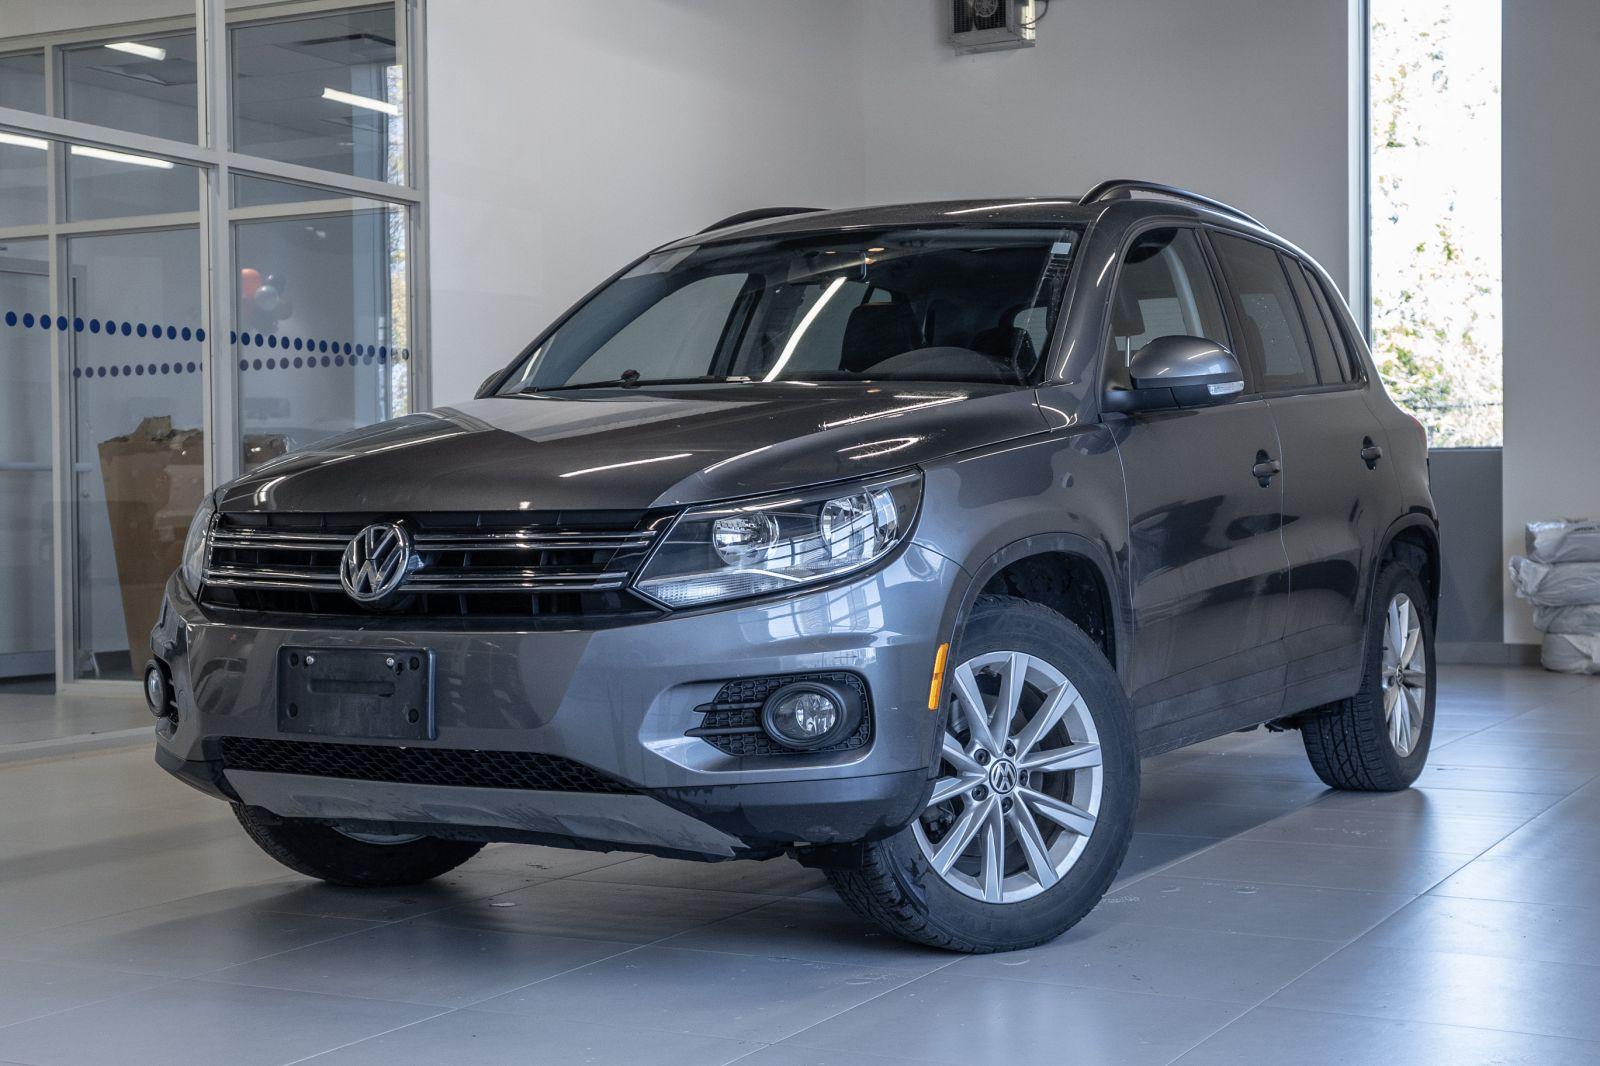 2012 Volkswagen Tiguan Image